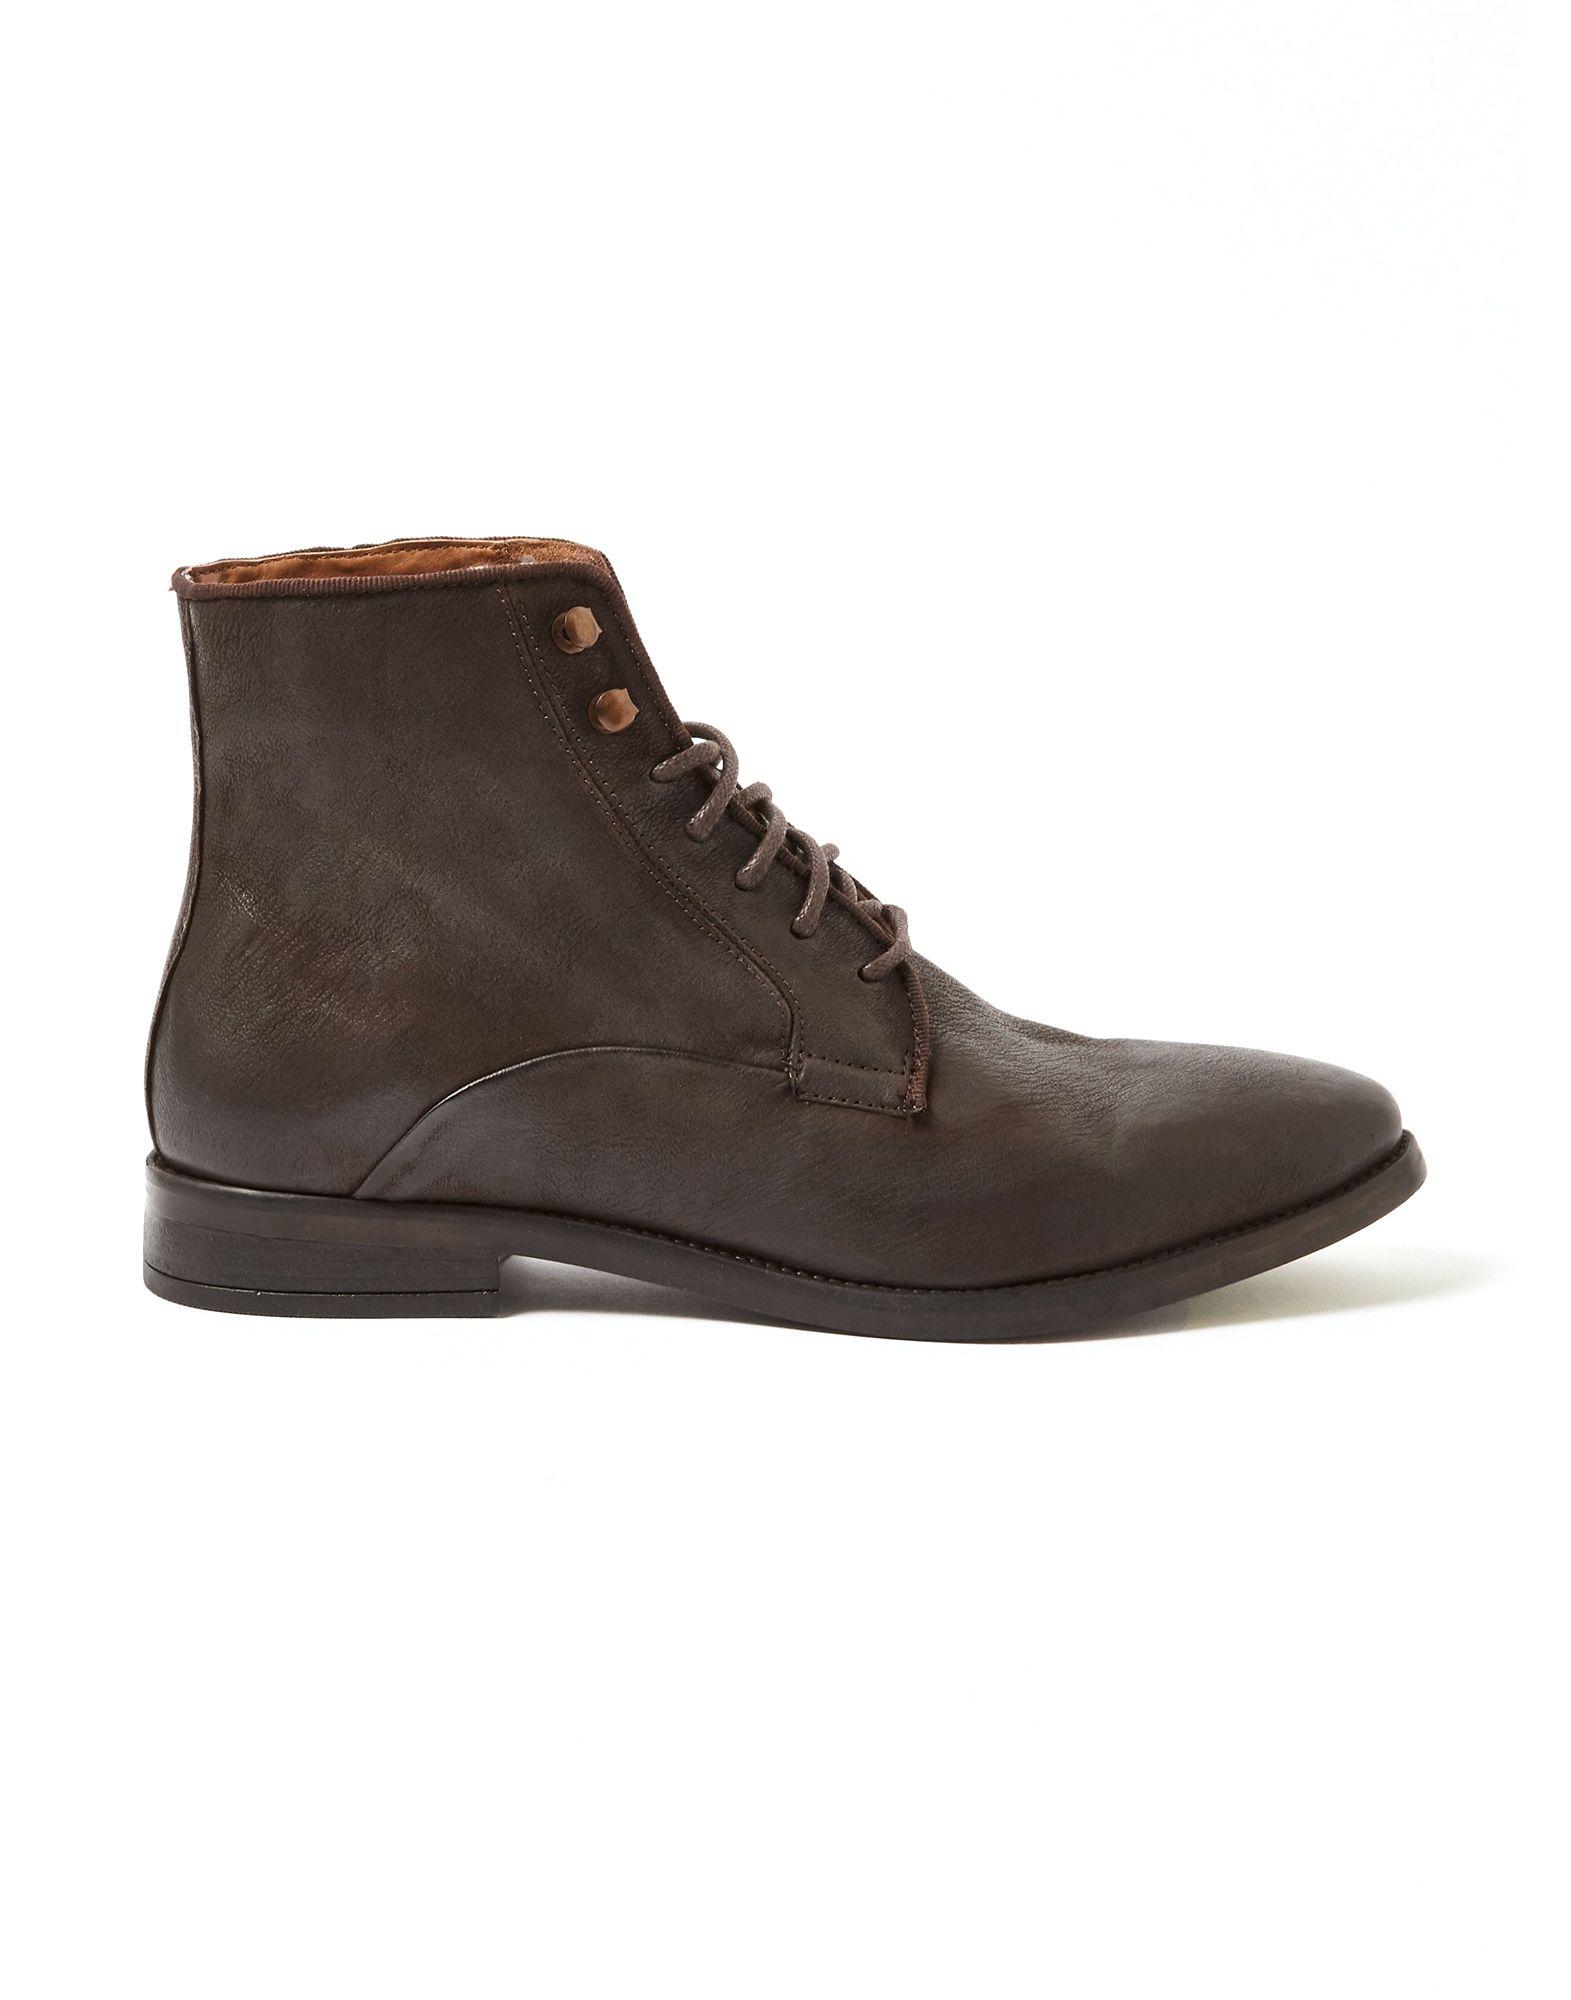 Topman Boots In Dark Brown | ModeSens